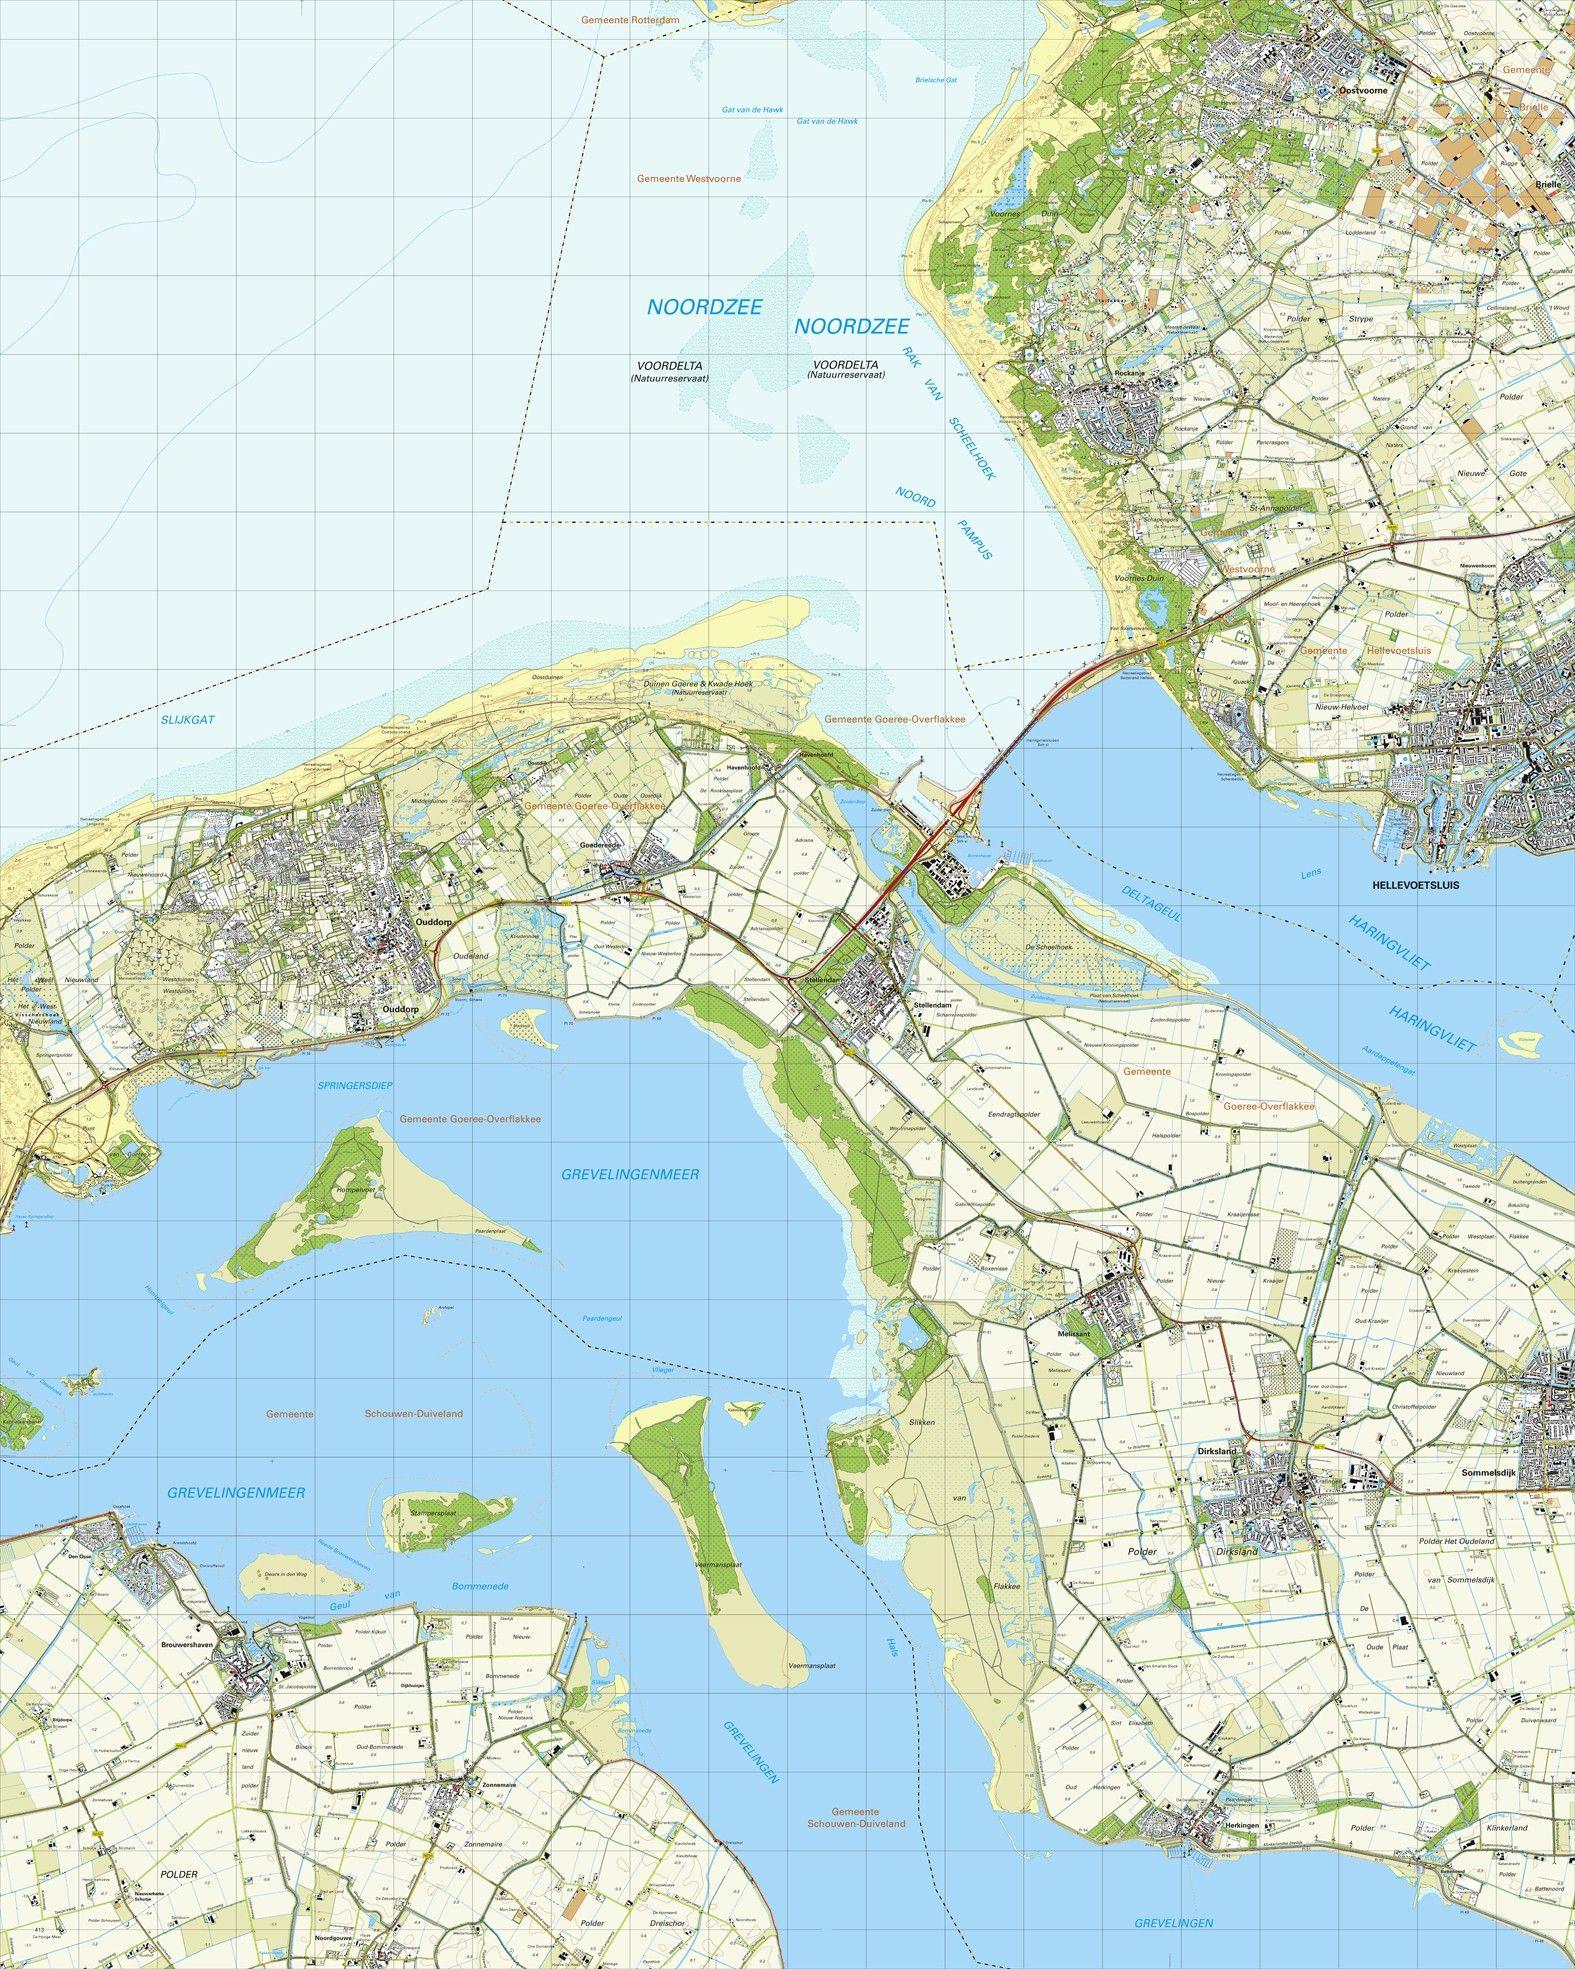 Topografische kaart schaal 1:25.000 (Hellevoetsluis, Rockanje, Ouddorp, Stellendam, Dirksland)